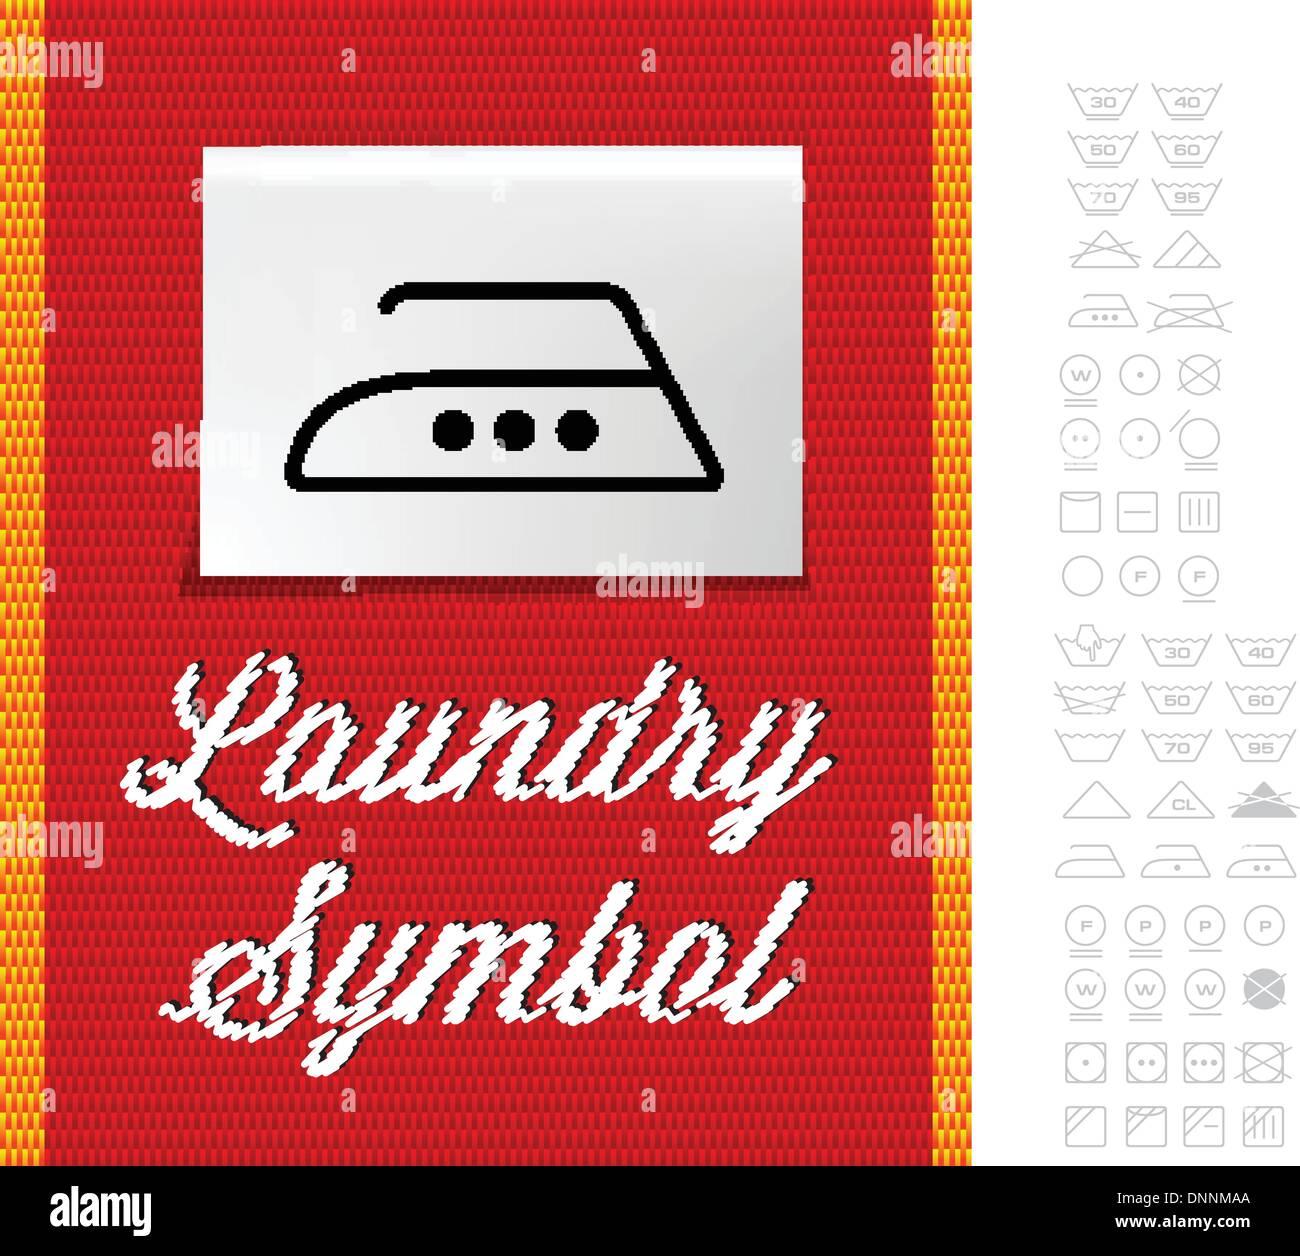 Washing Symbols On Clothing Label Stock Photos Washing Symbols On